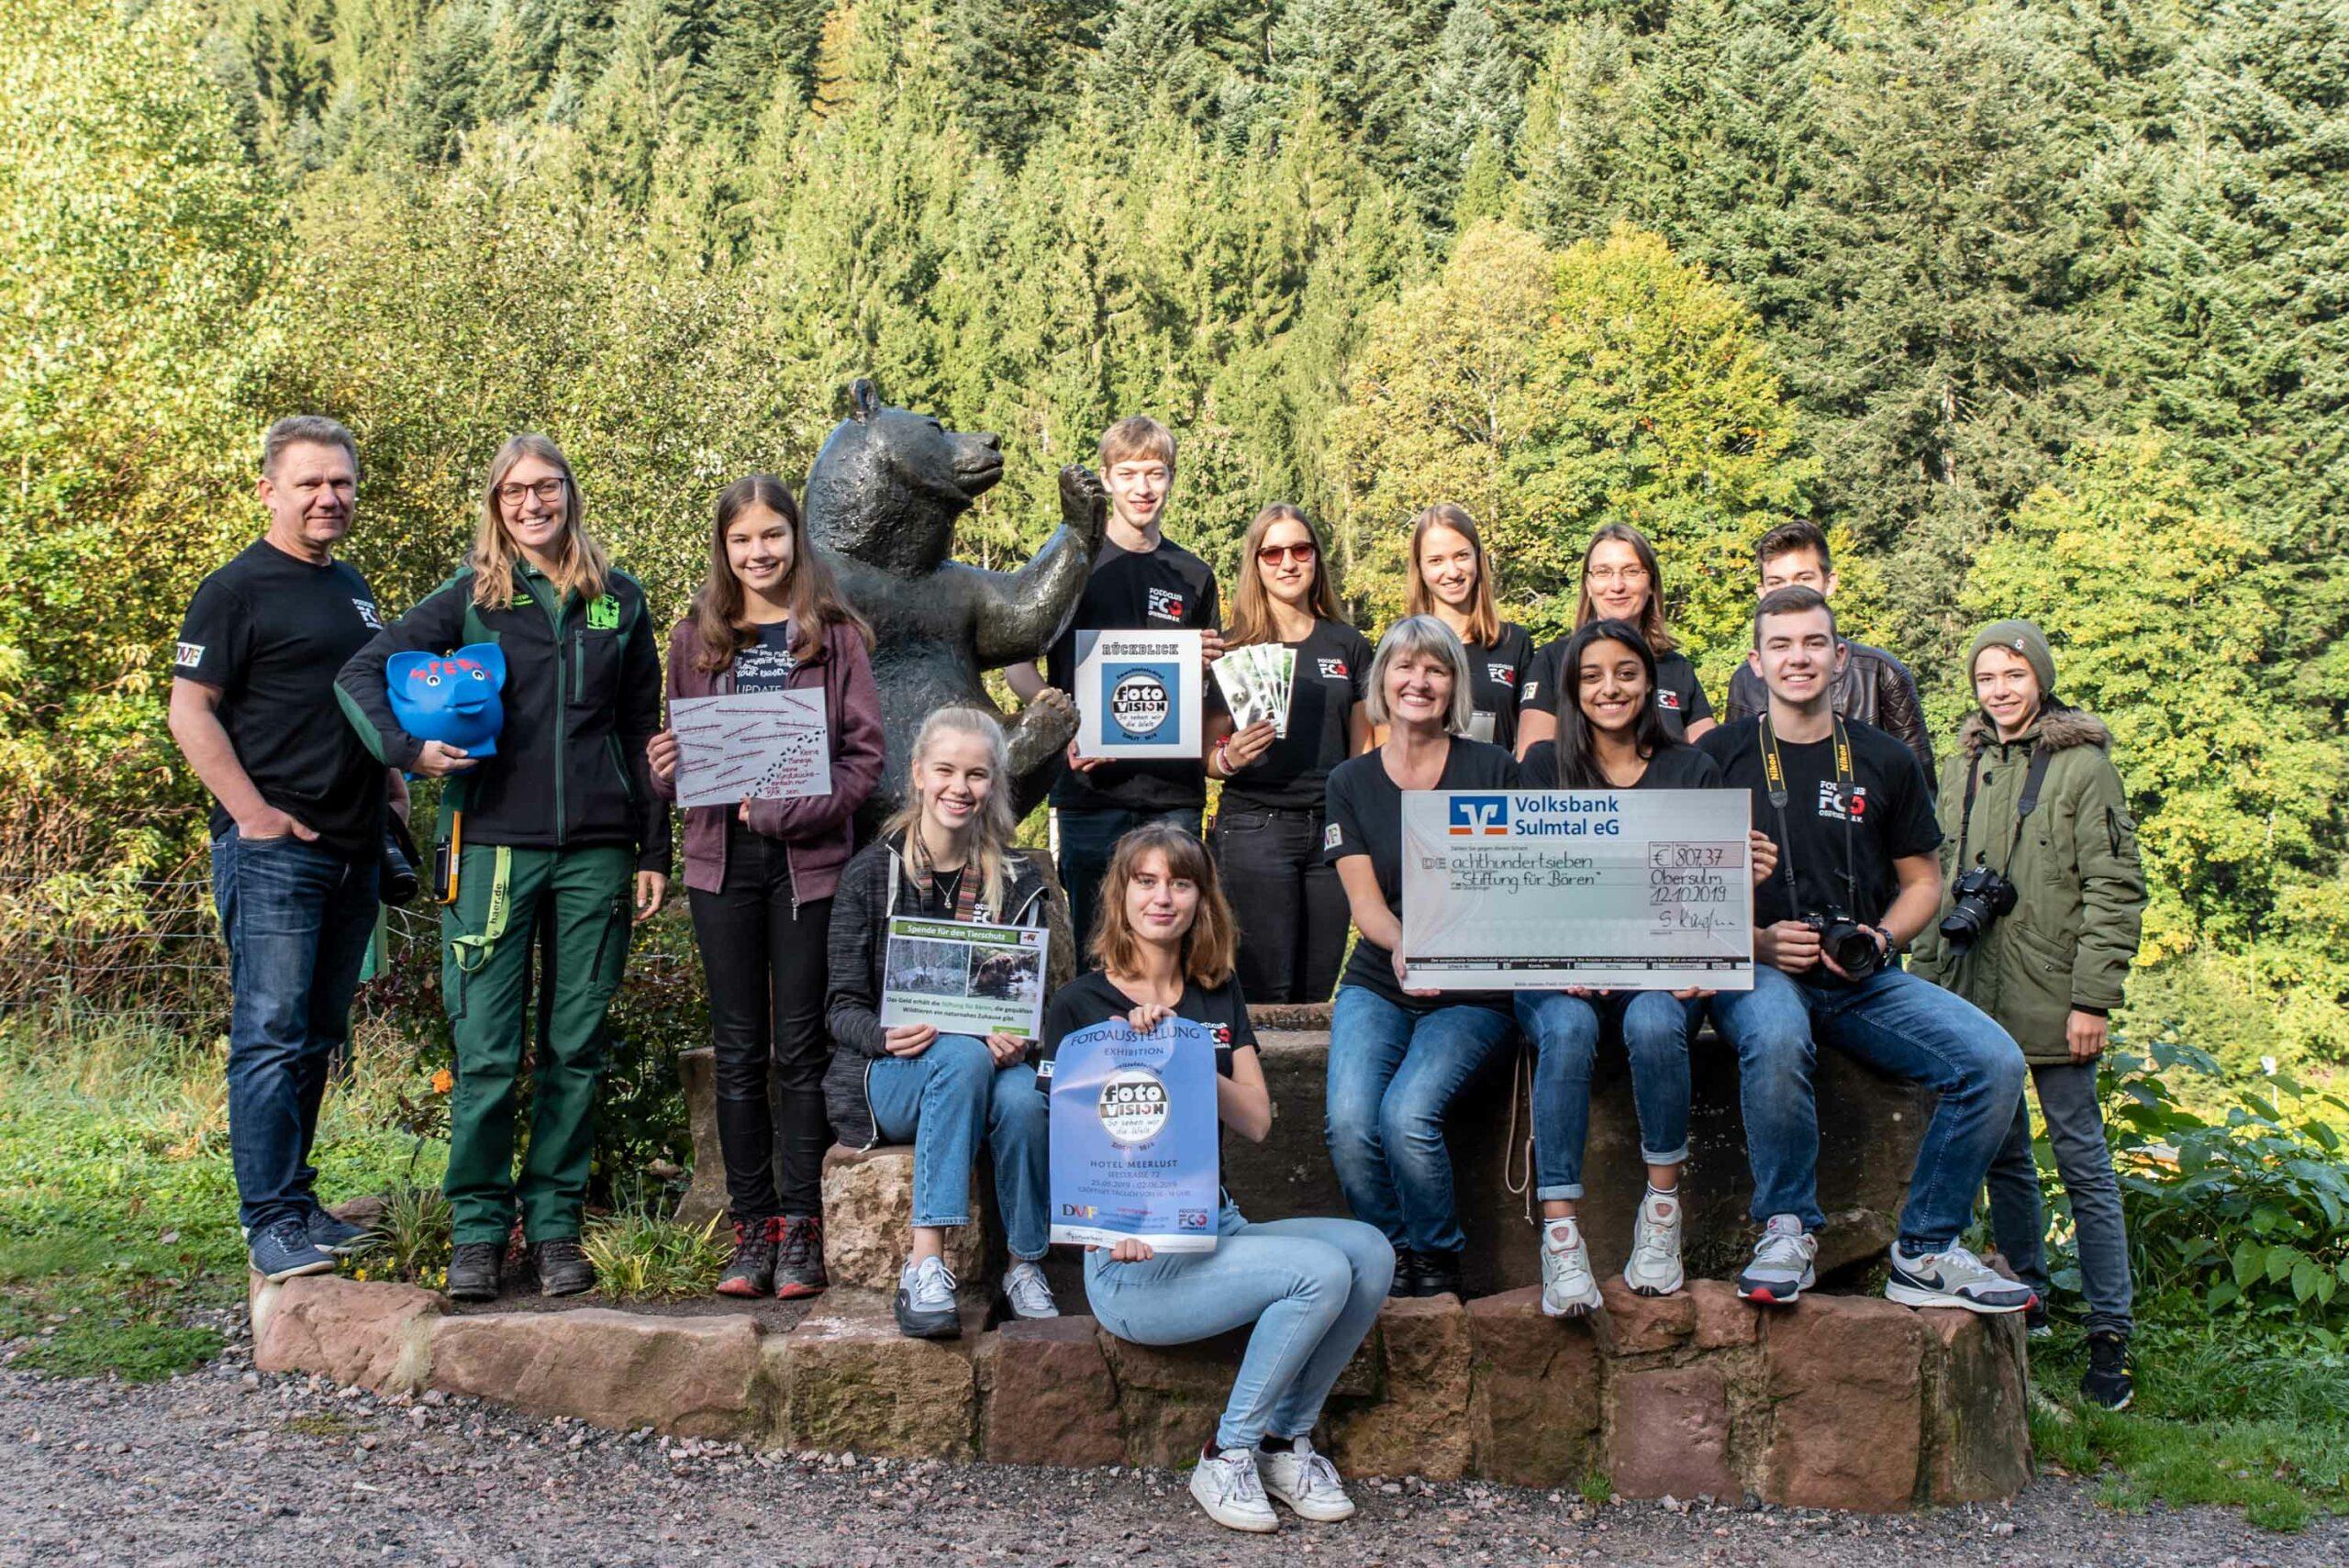 Jugend Fotoclub Spendenübergabe im Alternativen Bärenpark im Schwarzwald 12.10.2019